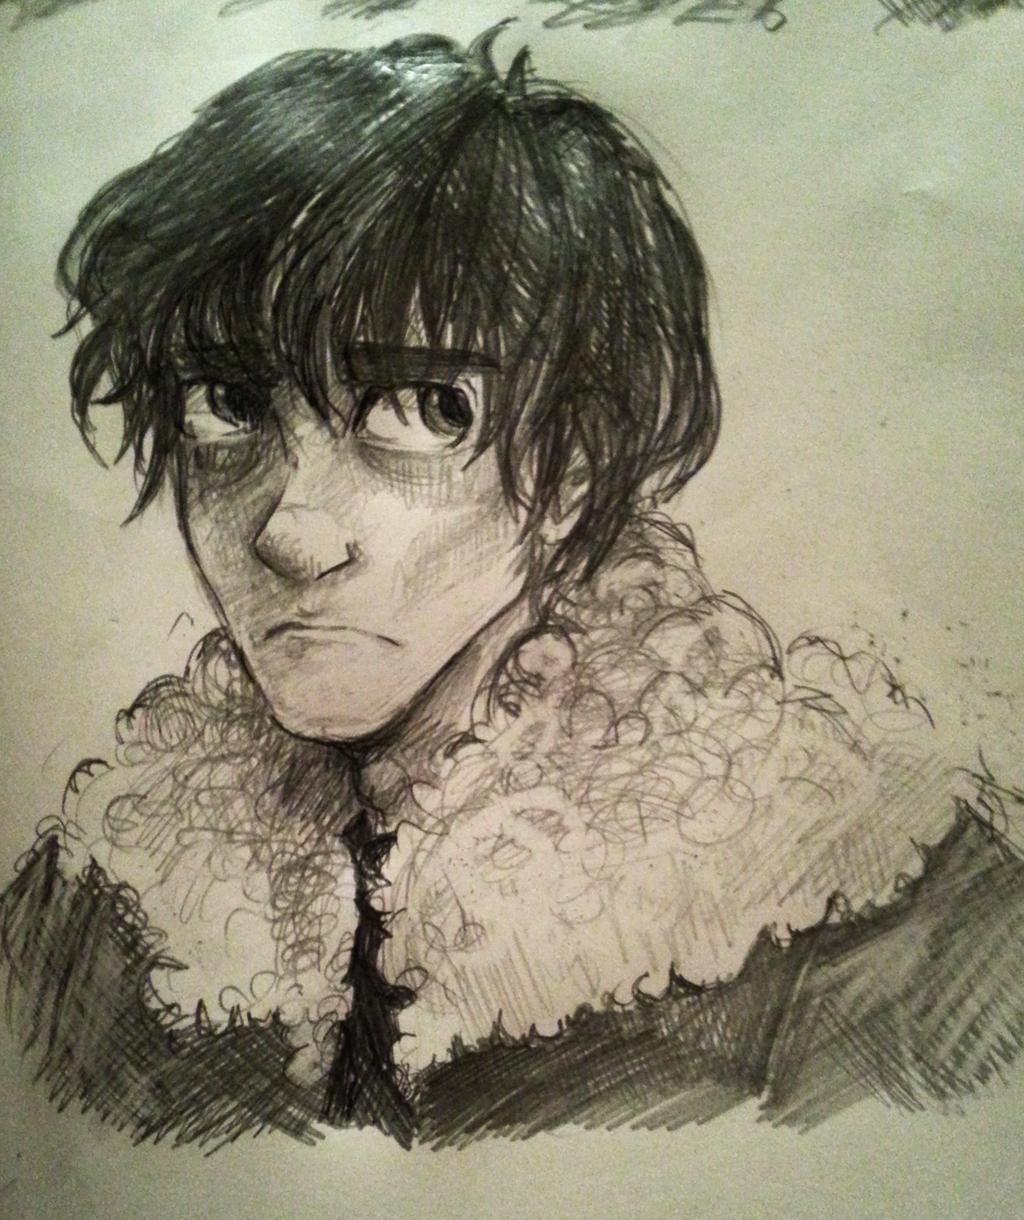 Nico sketch by Dreamsoffools